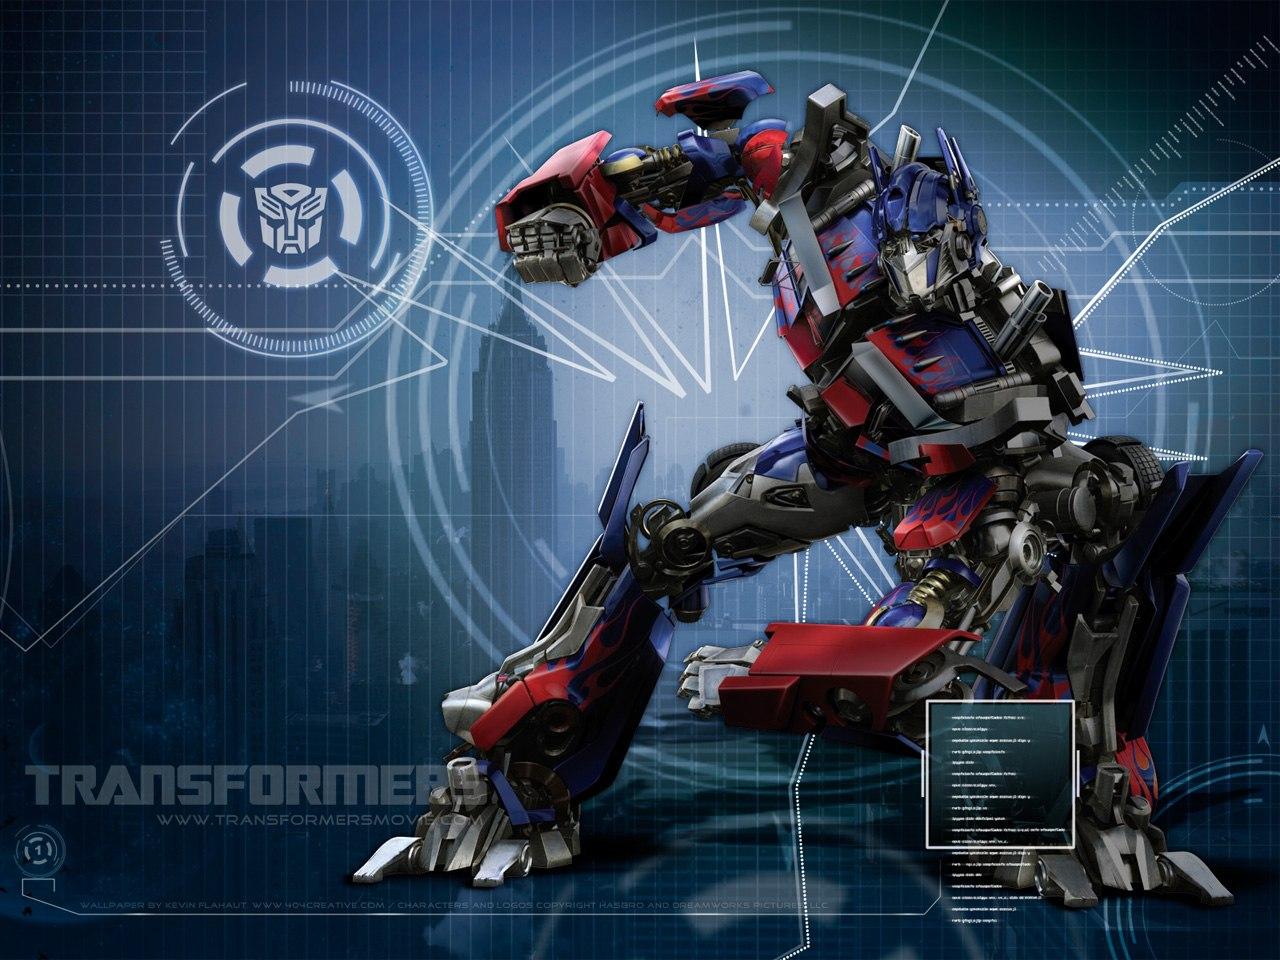 Transformers 2   Optimus Prime Screensaver   ScreensaverBasecom 1280x960